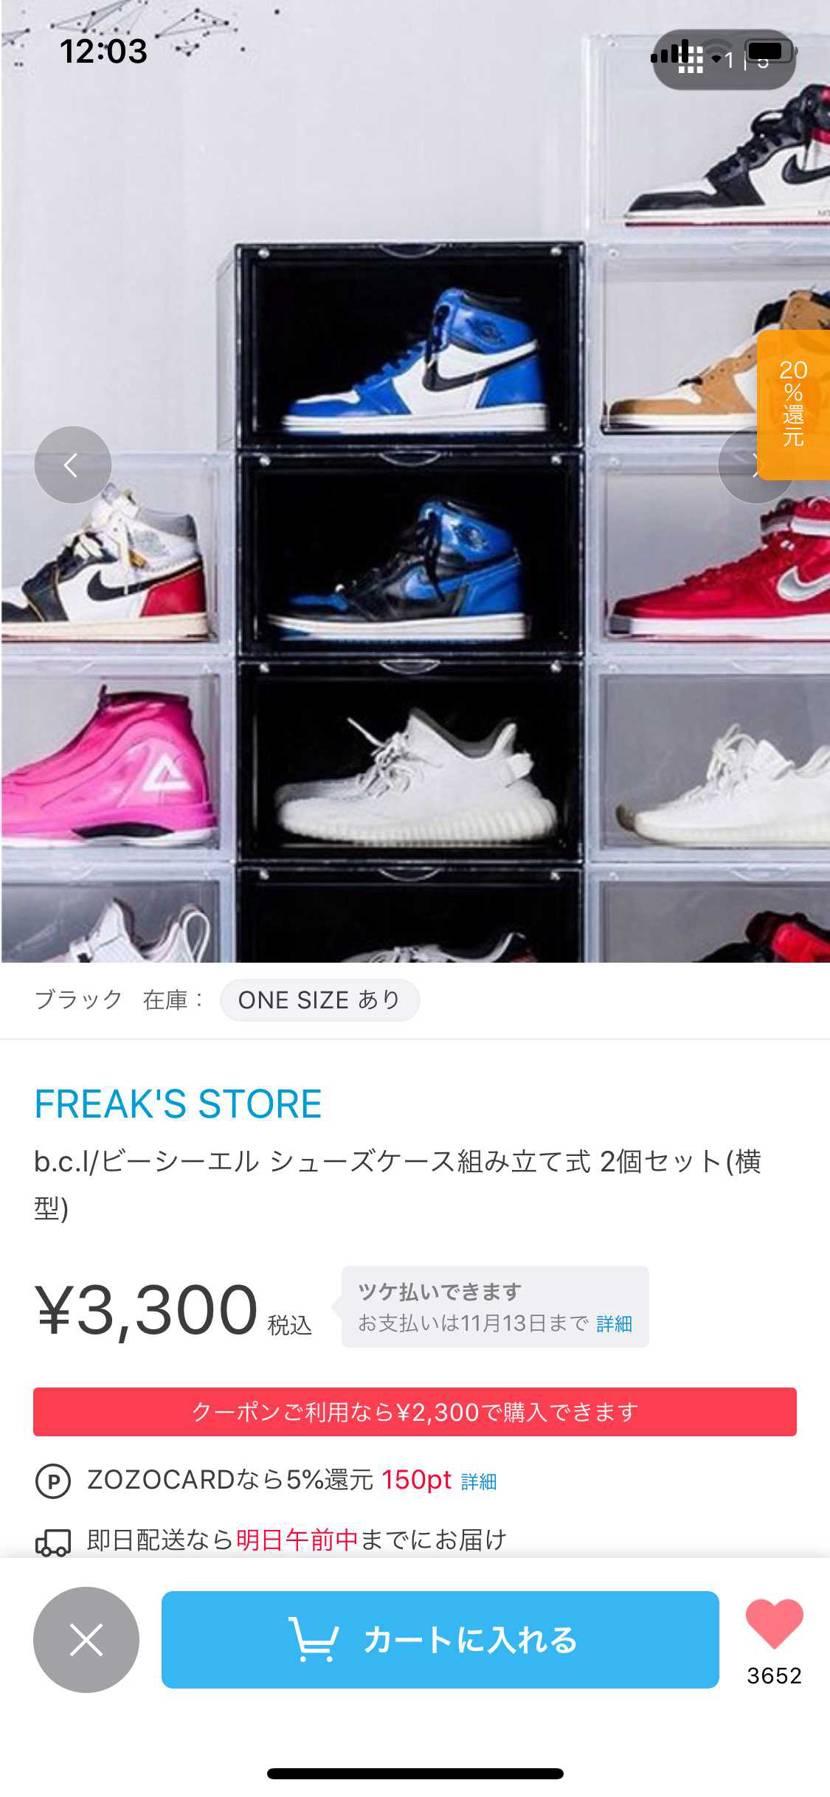 今日は、zozoでお得にシューズBOX買えたー  2個で2300円